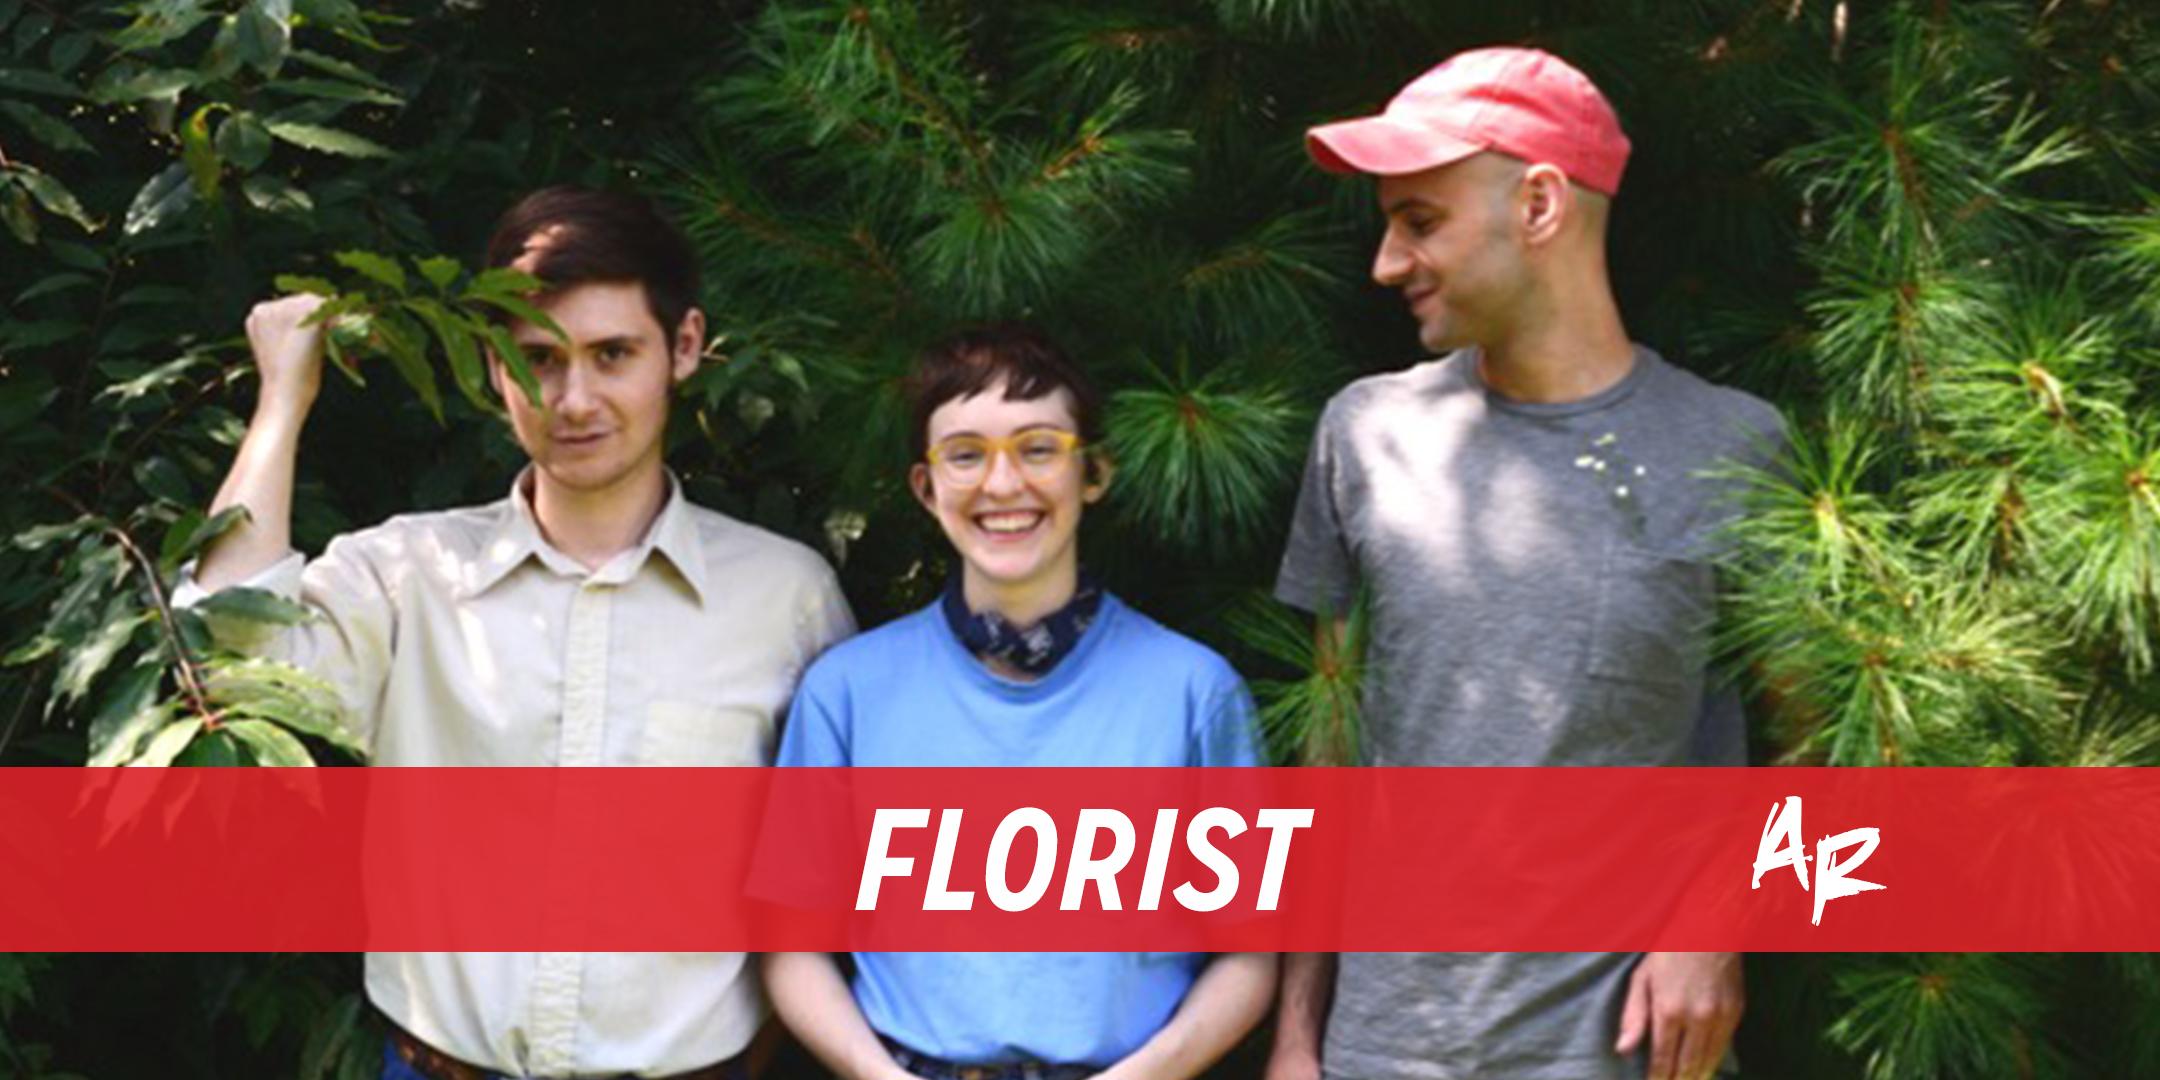 FloristBanner.jpg